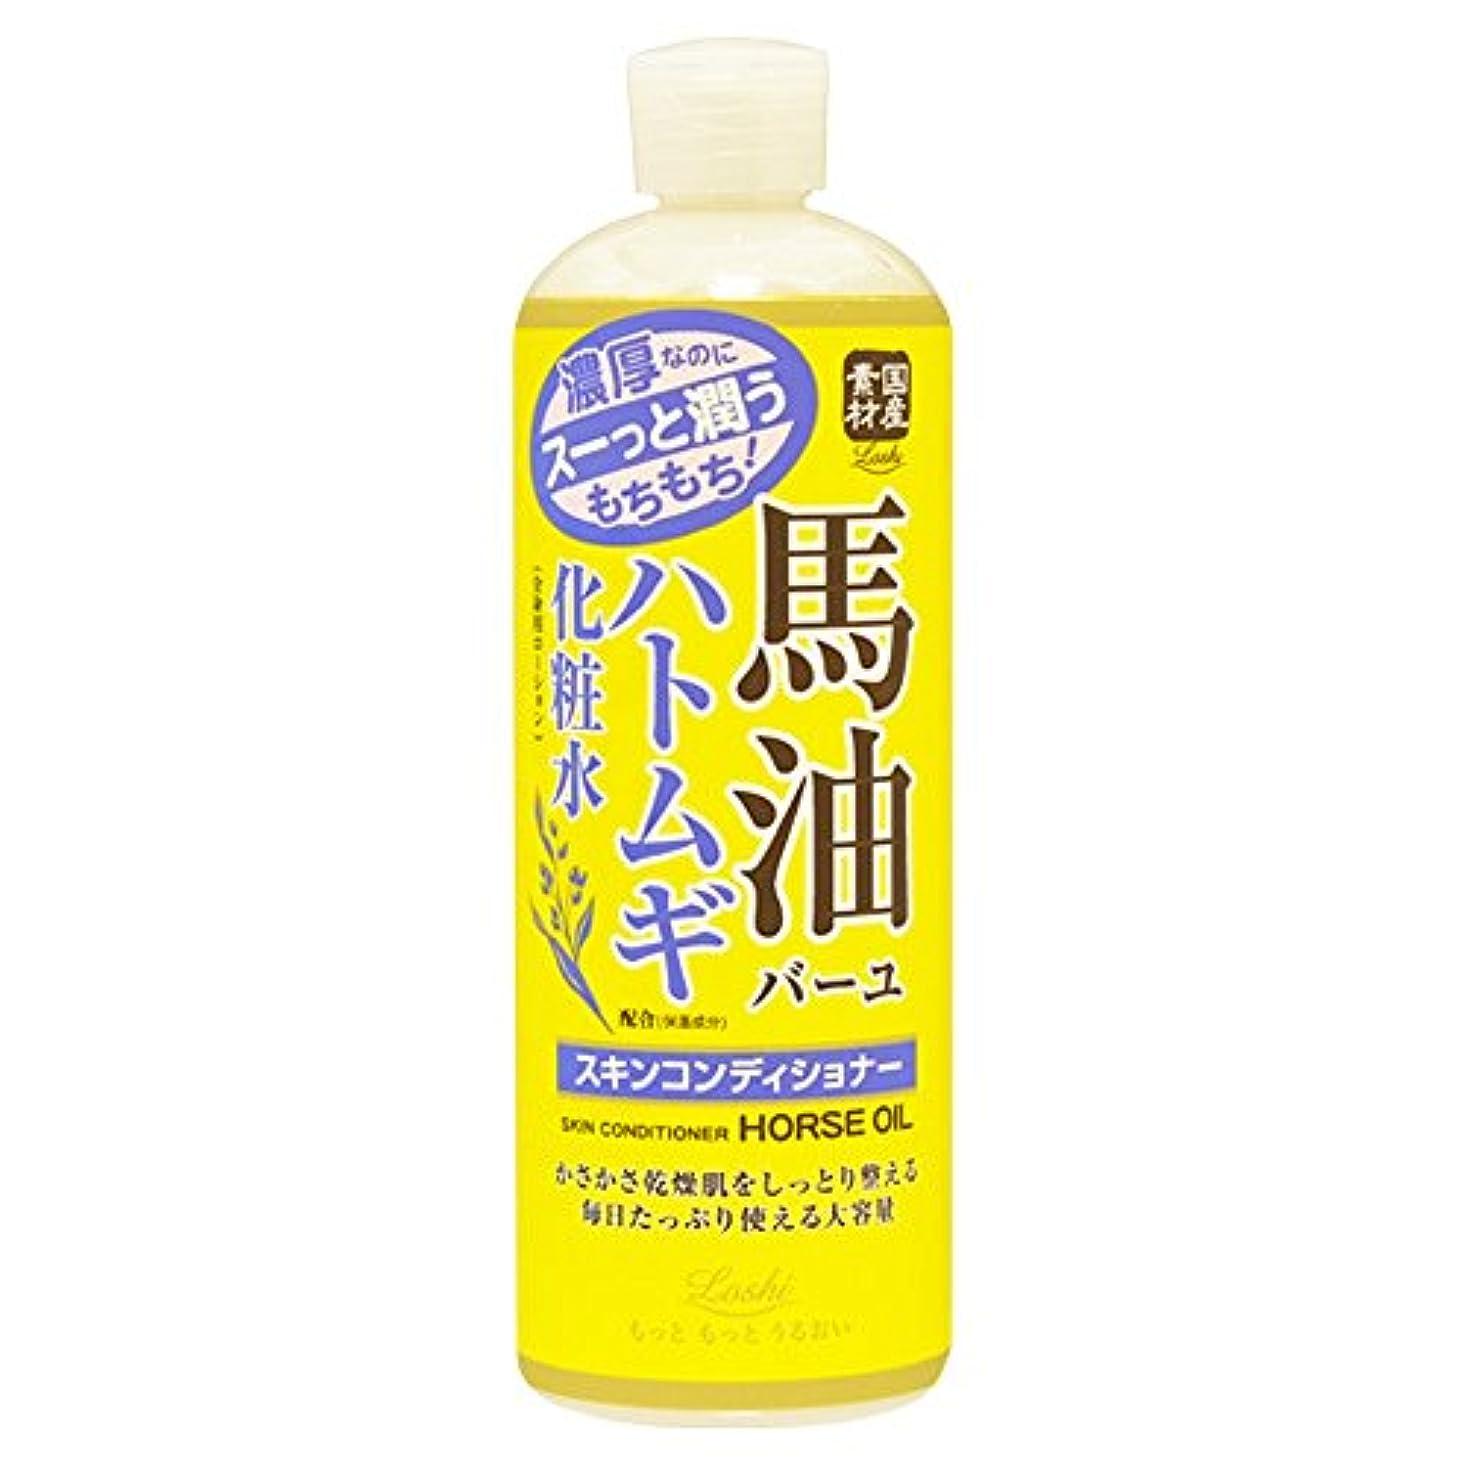 シェフ与えるもっとロッシモイストエイド スキンコンディショナー 馬油&ハトムギ 500ml (化粧水 ローション 高保湿)